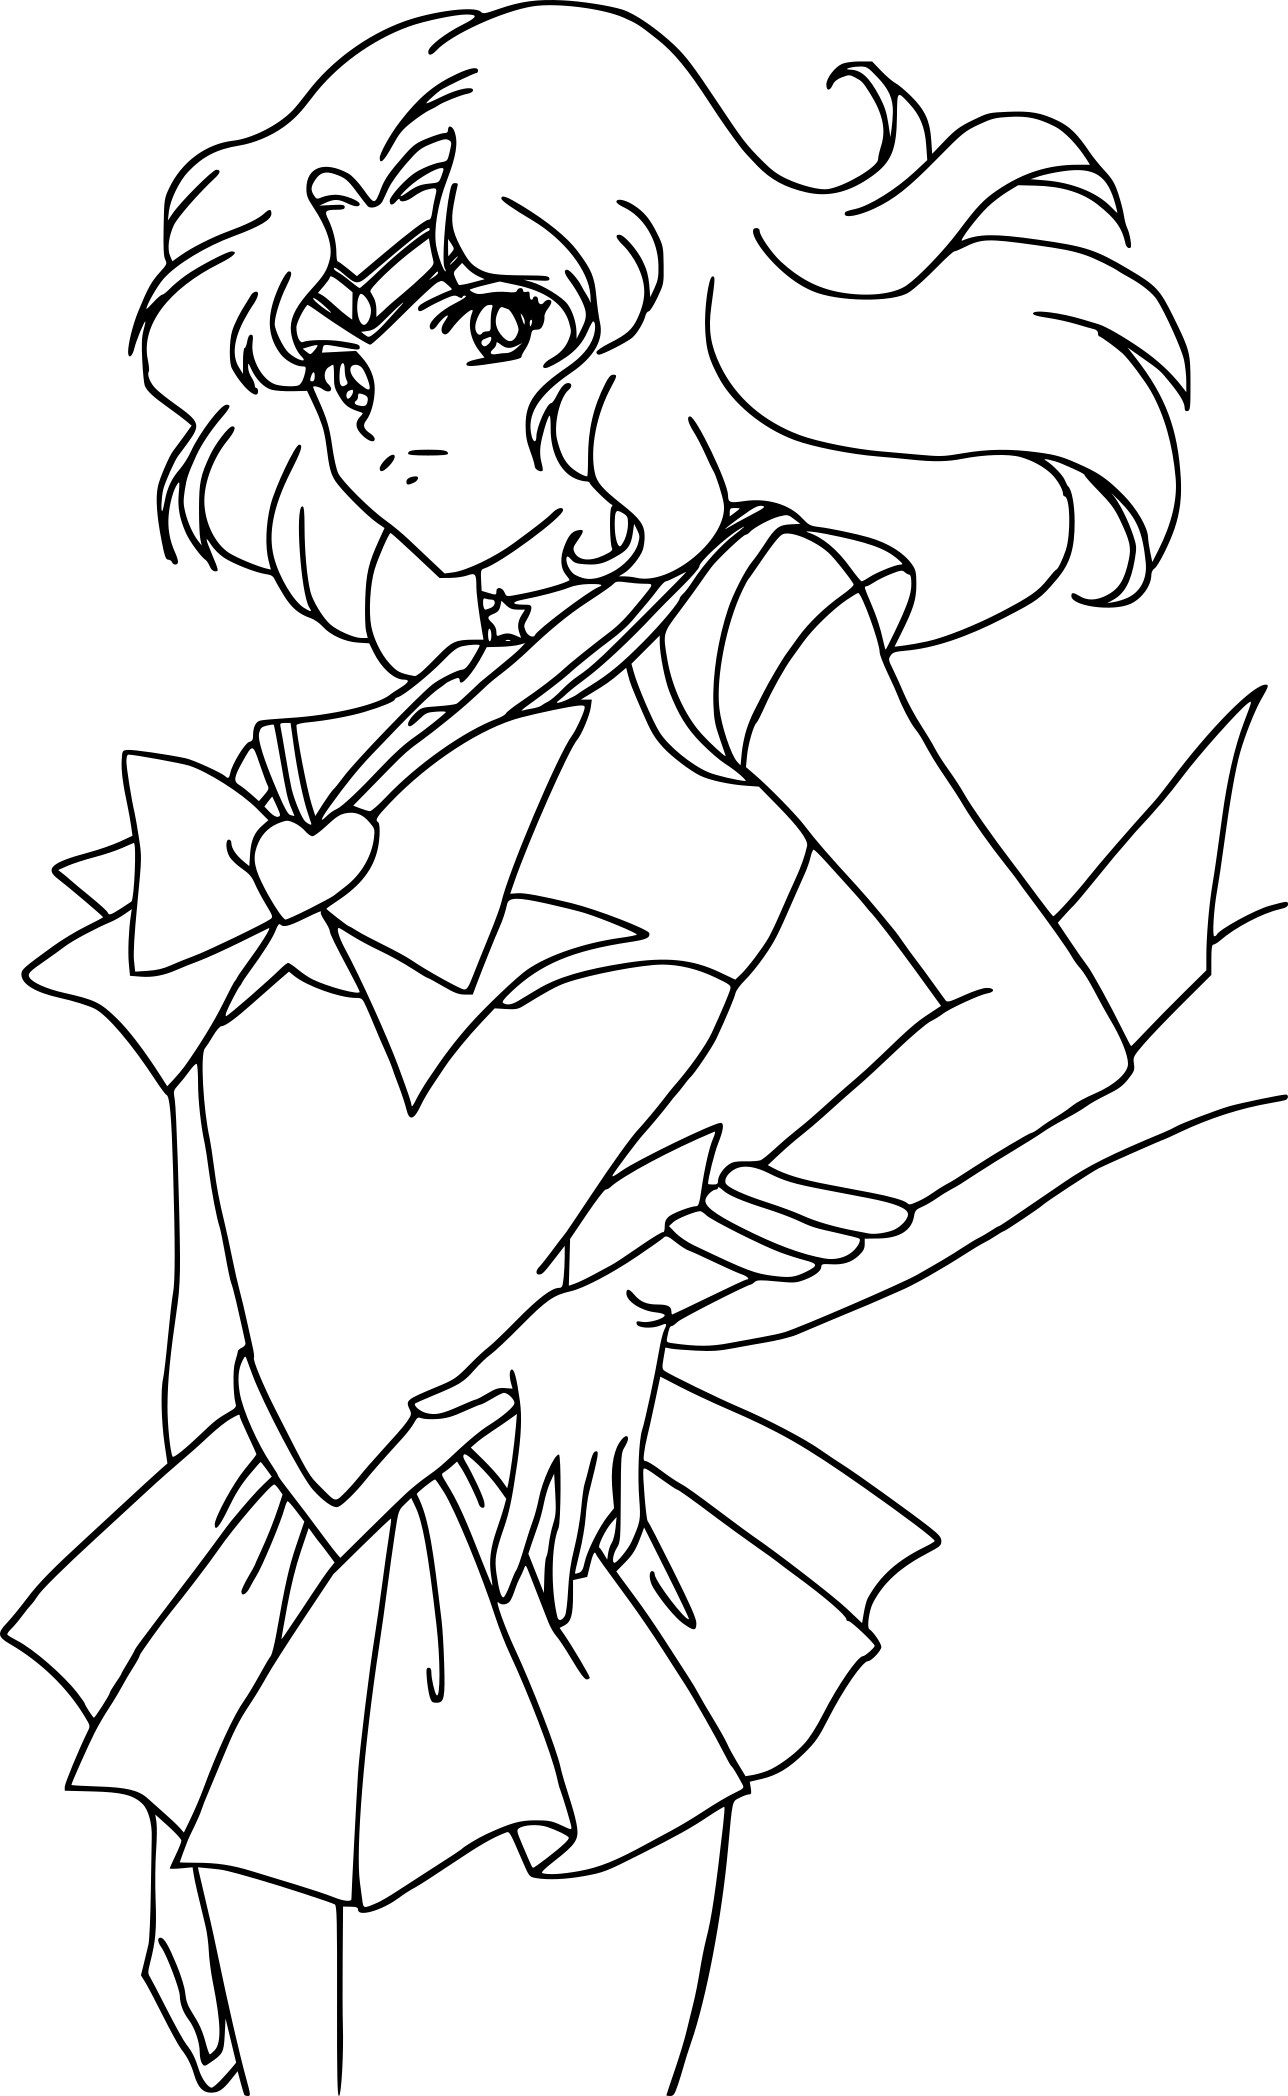 Coloriage Sailor Neptune À Imprimer Gratuit encequiconcerne Coloriage Sailor Moon A Imprimer